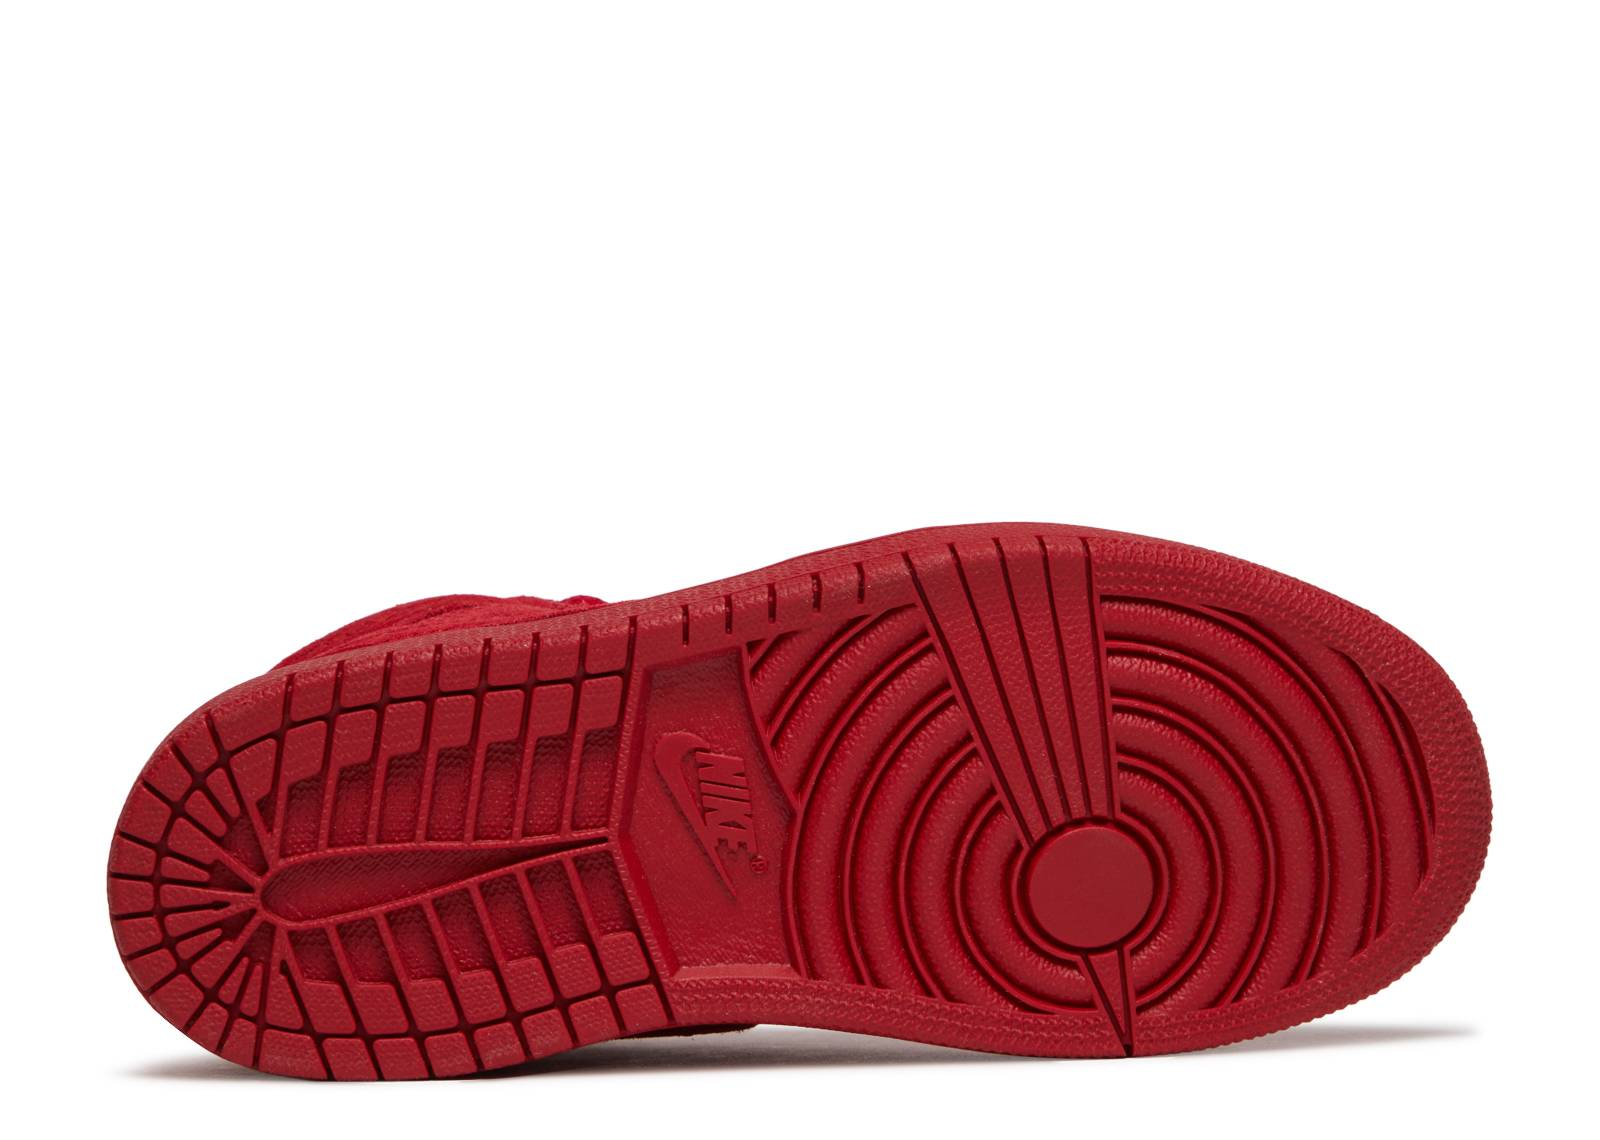 Jordan 1 Retro High BP GYM Red//GYM Red 705303-603 Toddler Size/'s